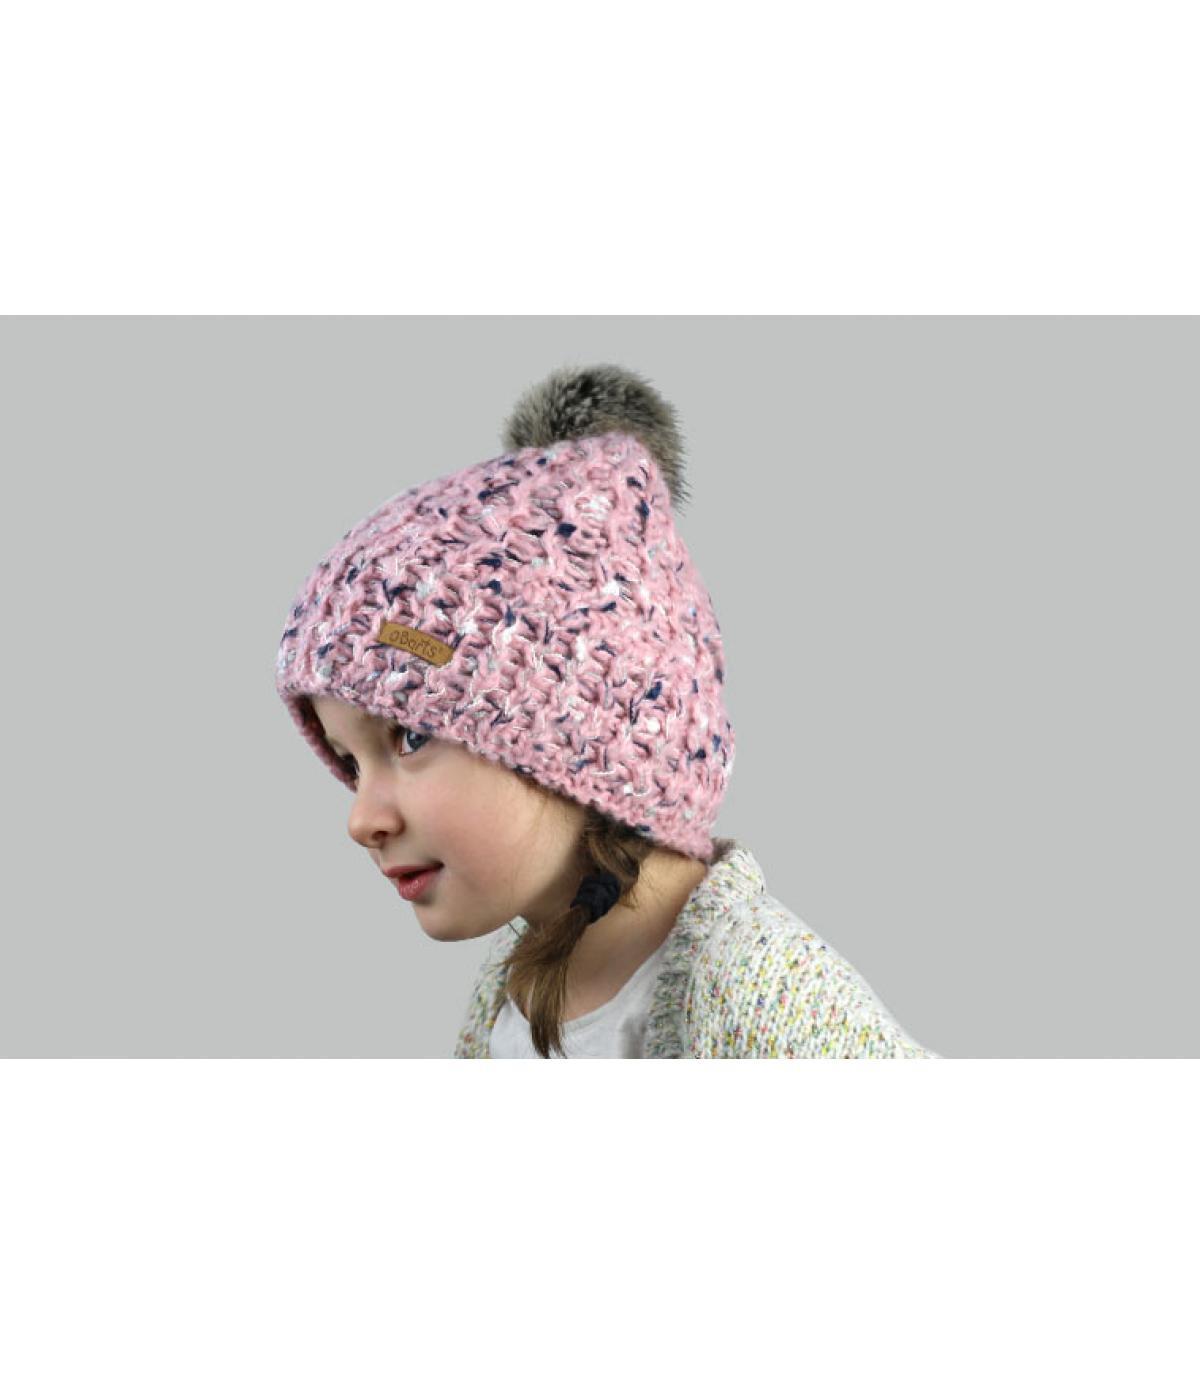 fd81a6815ea bonnet rose enfant pompon fourrure